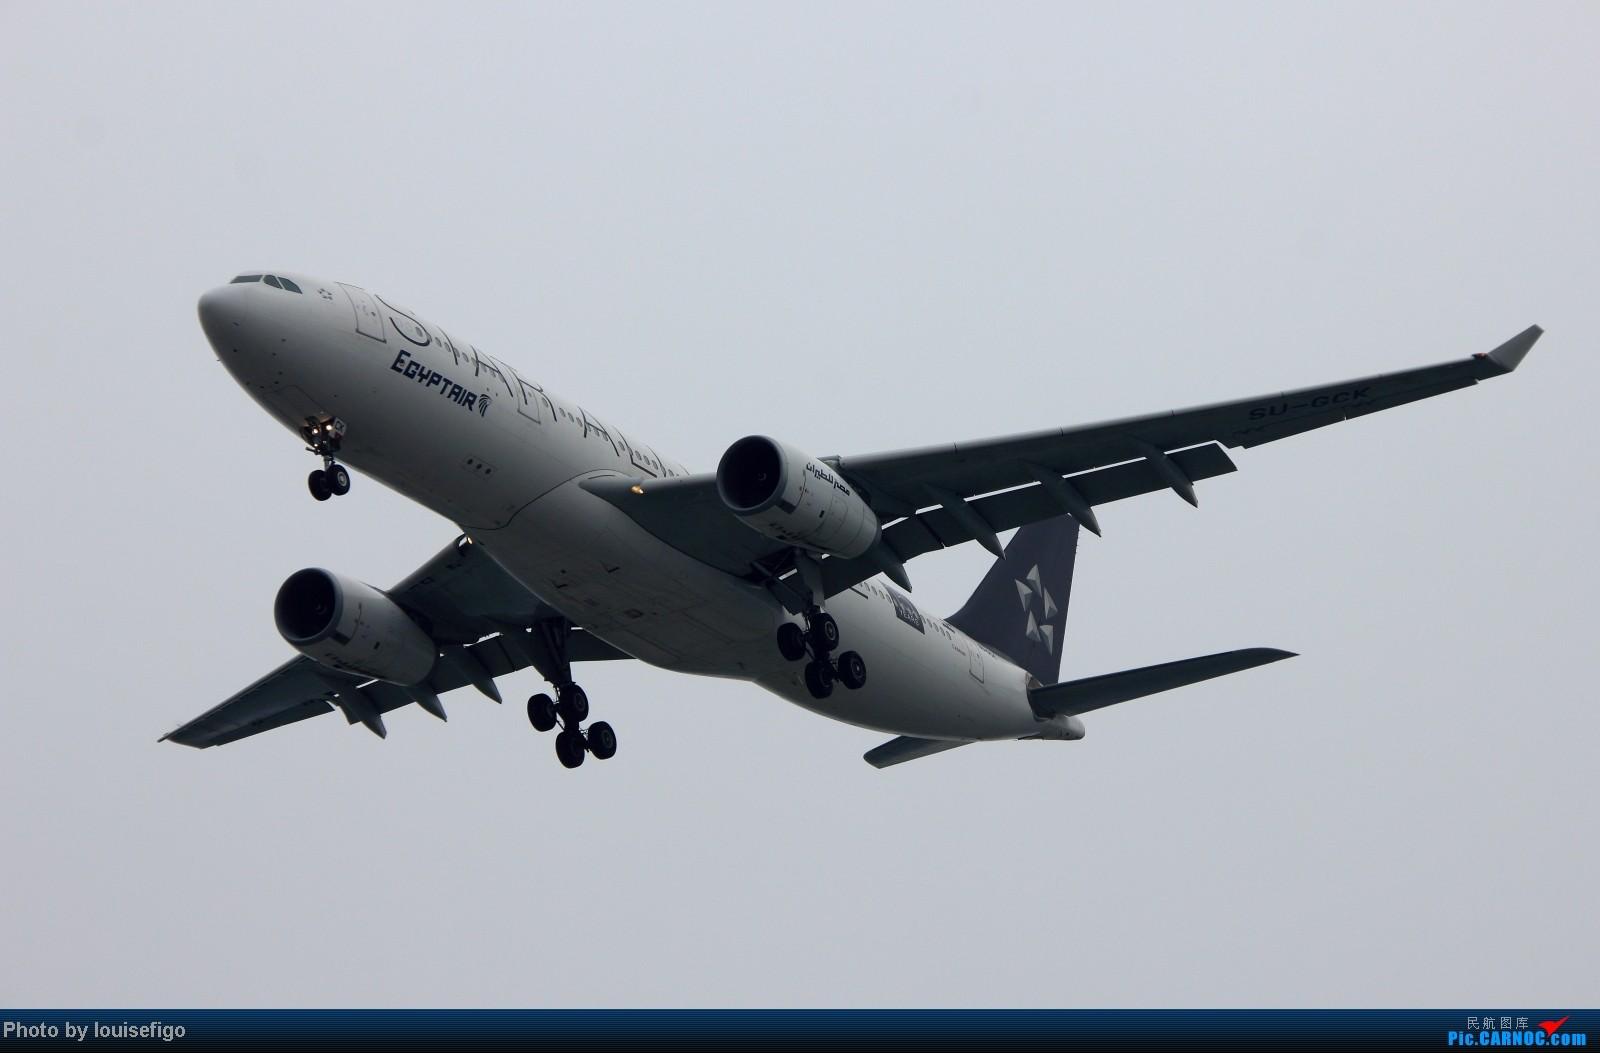 Re:[原创]星空联盟7-23北京代表大会,与会代表来自中美韩埃!~~可惜老天爷貌似对某些代表有情绪! AIRBUS A330-200 SU-GCK 北京首都国际机场